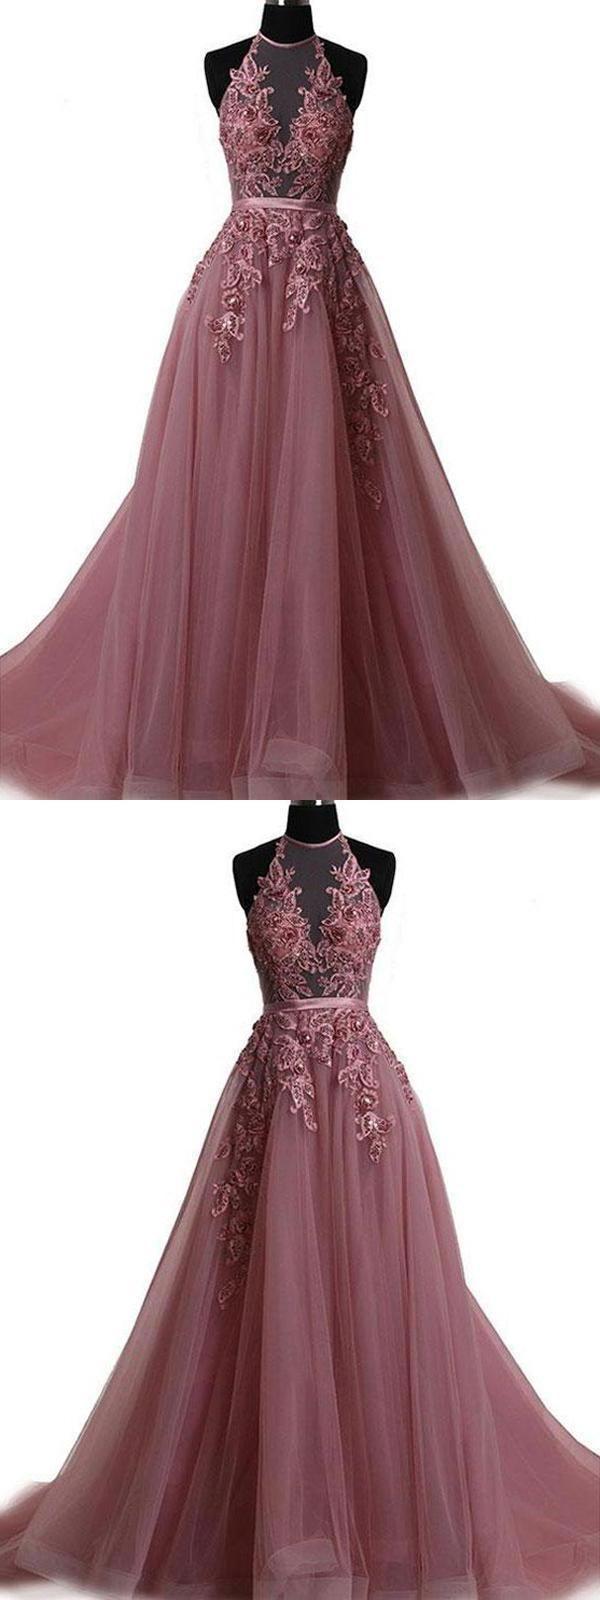 Beautiful Simple Prom Dress, Prom Dress 2019, Lace Prom Dress, Long Prom Dress